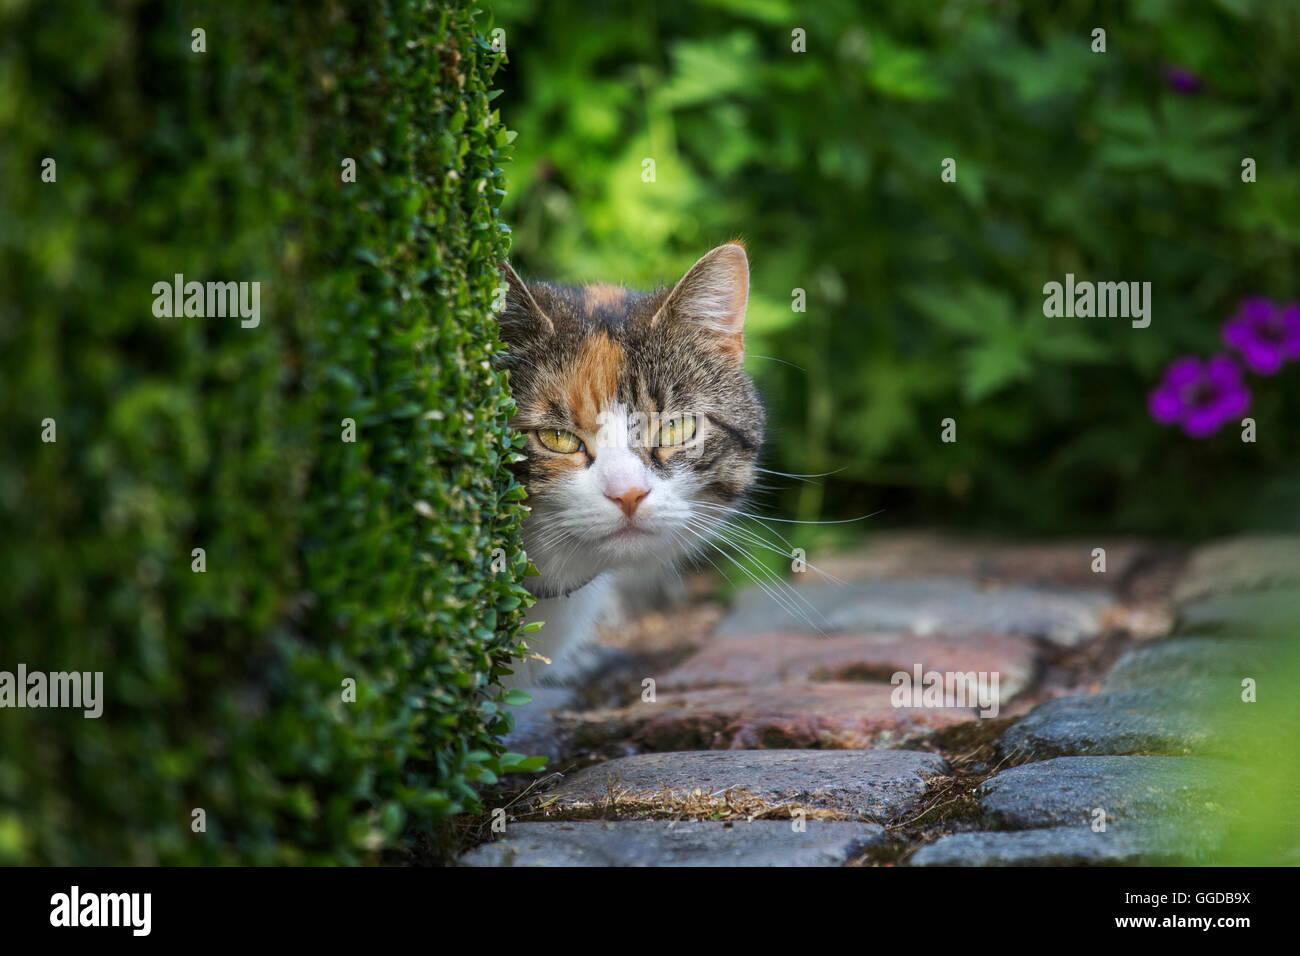 Curioso ma timido gatto domestico guardando da dietro la siepe in giardino in estate Immagini Stock